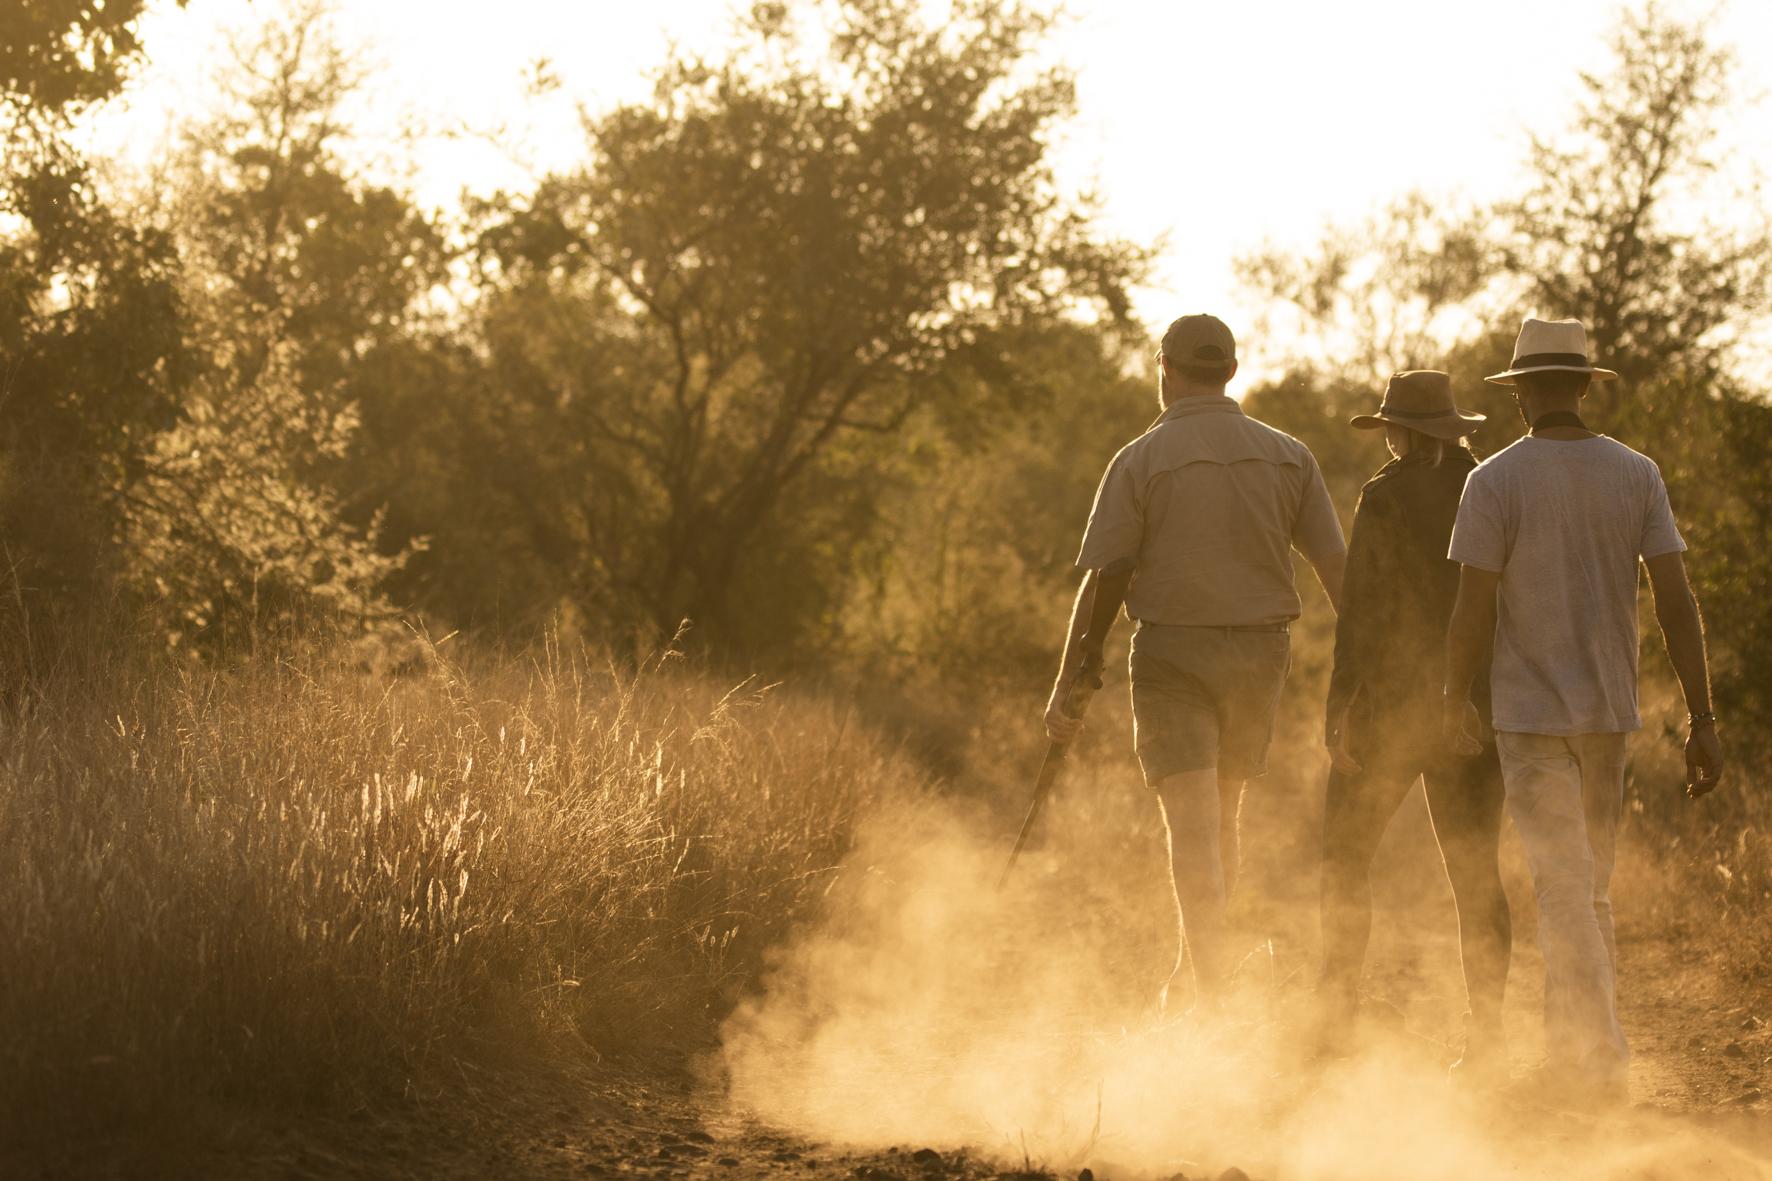 Singita-Lebombo-Lodge-Bush-Walks-2.jpg